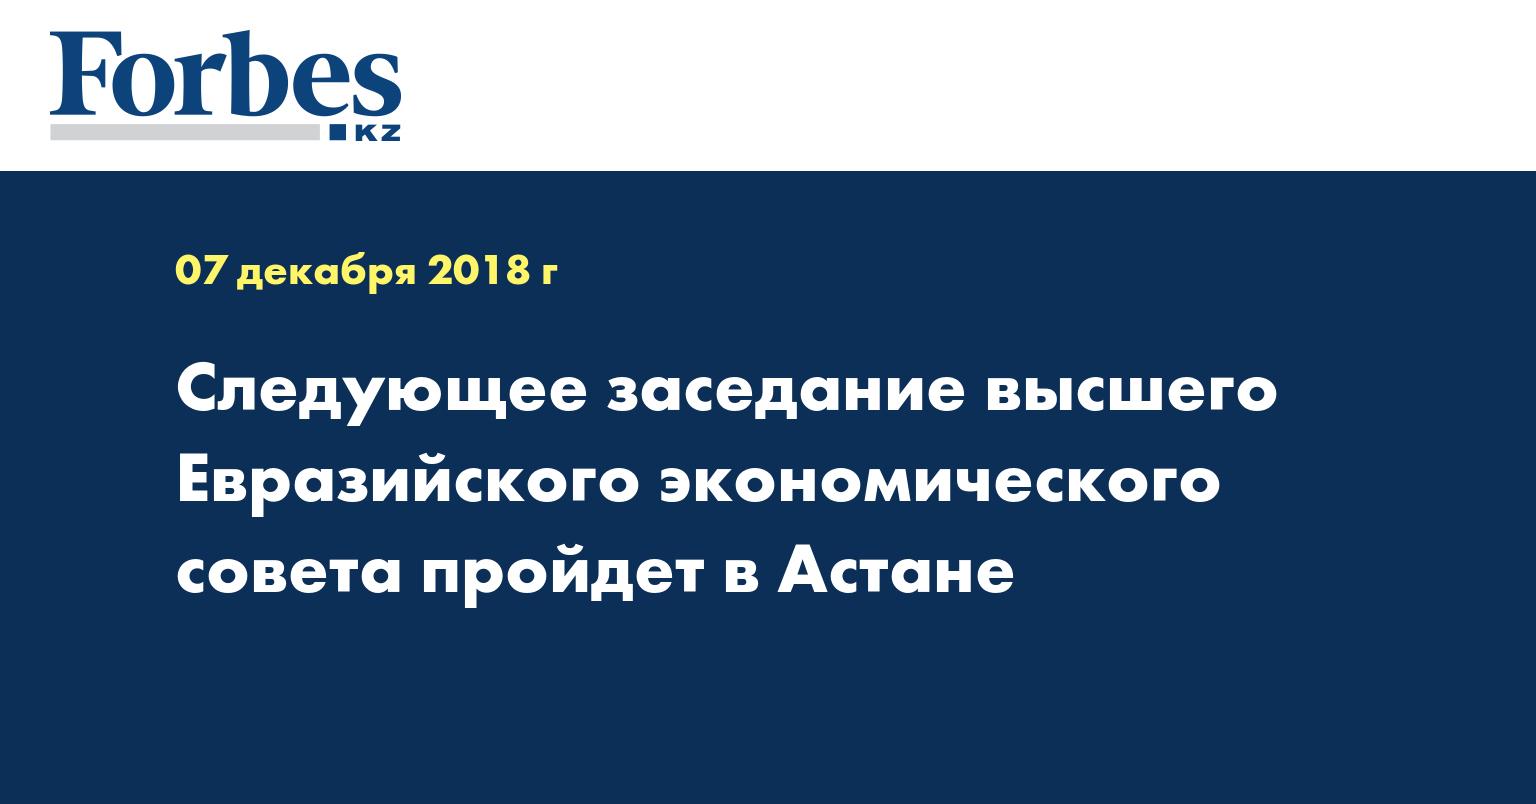 Следующее заседание высшего Евразийского экономического совета пройдет в Астане